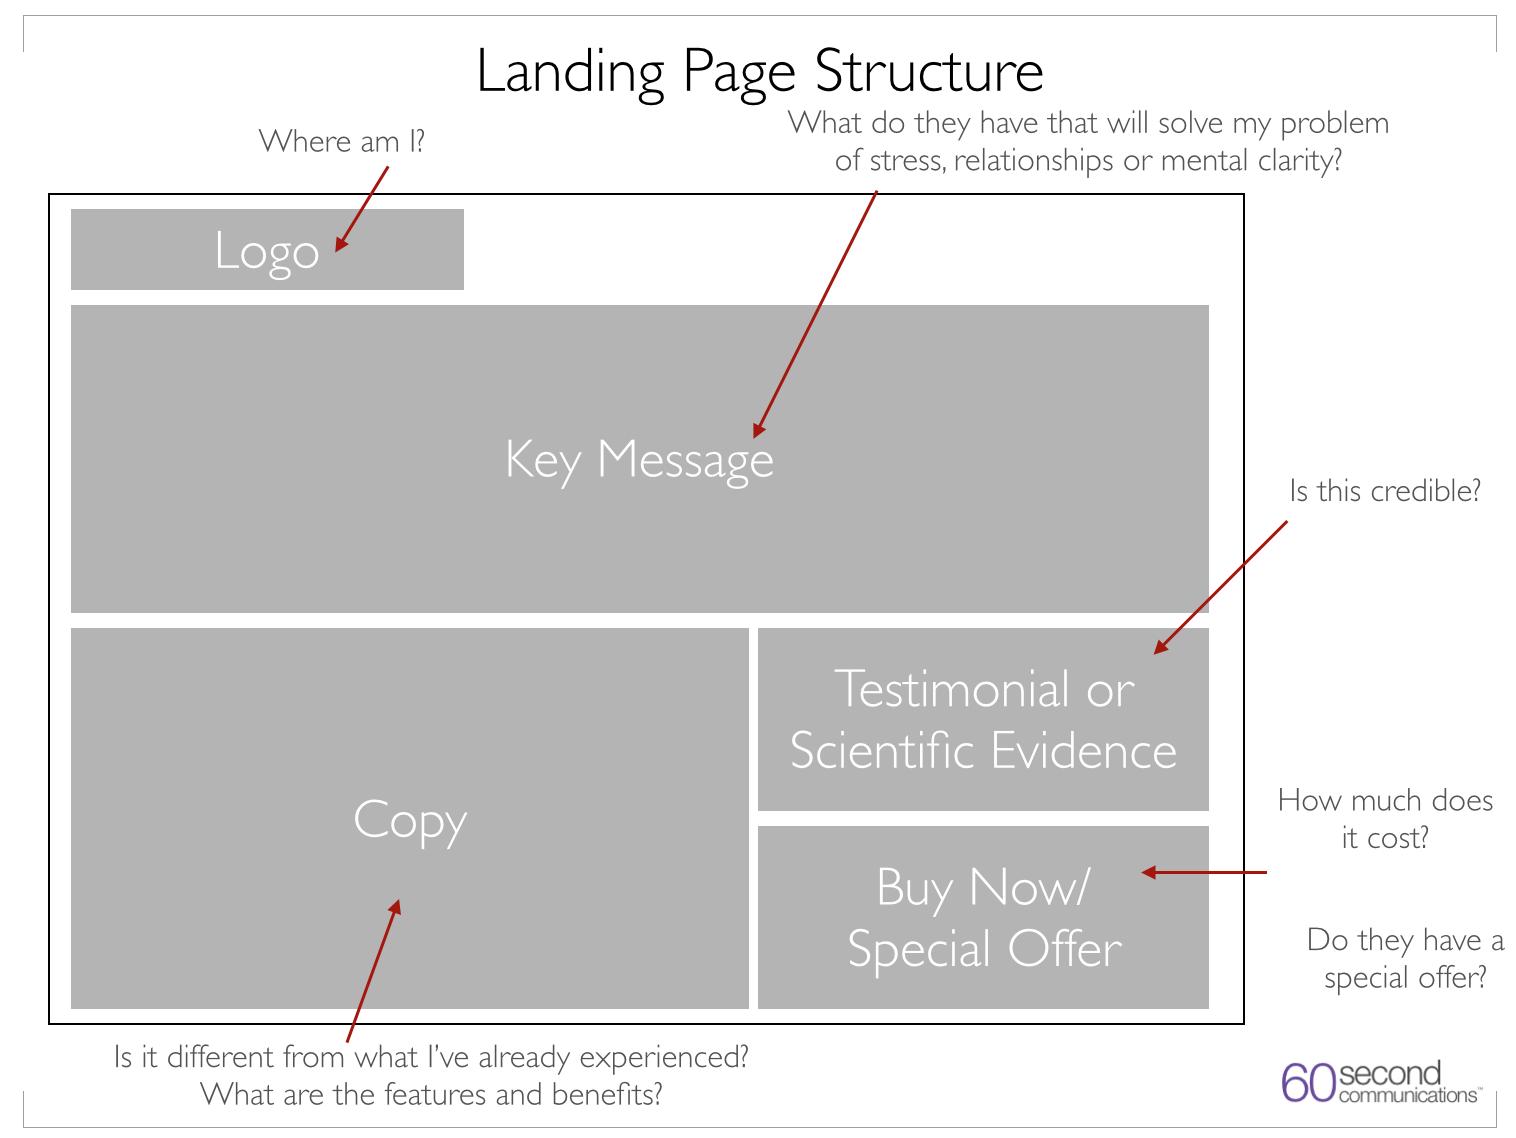 Image of landing page